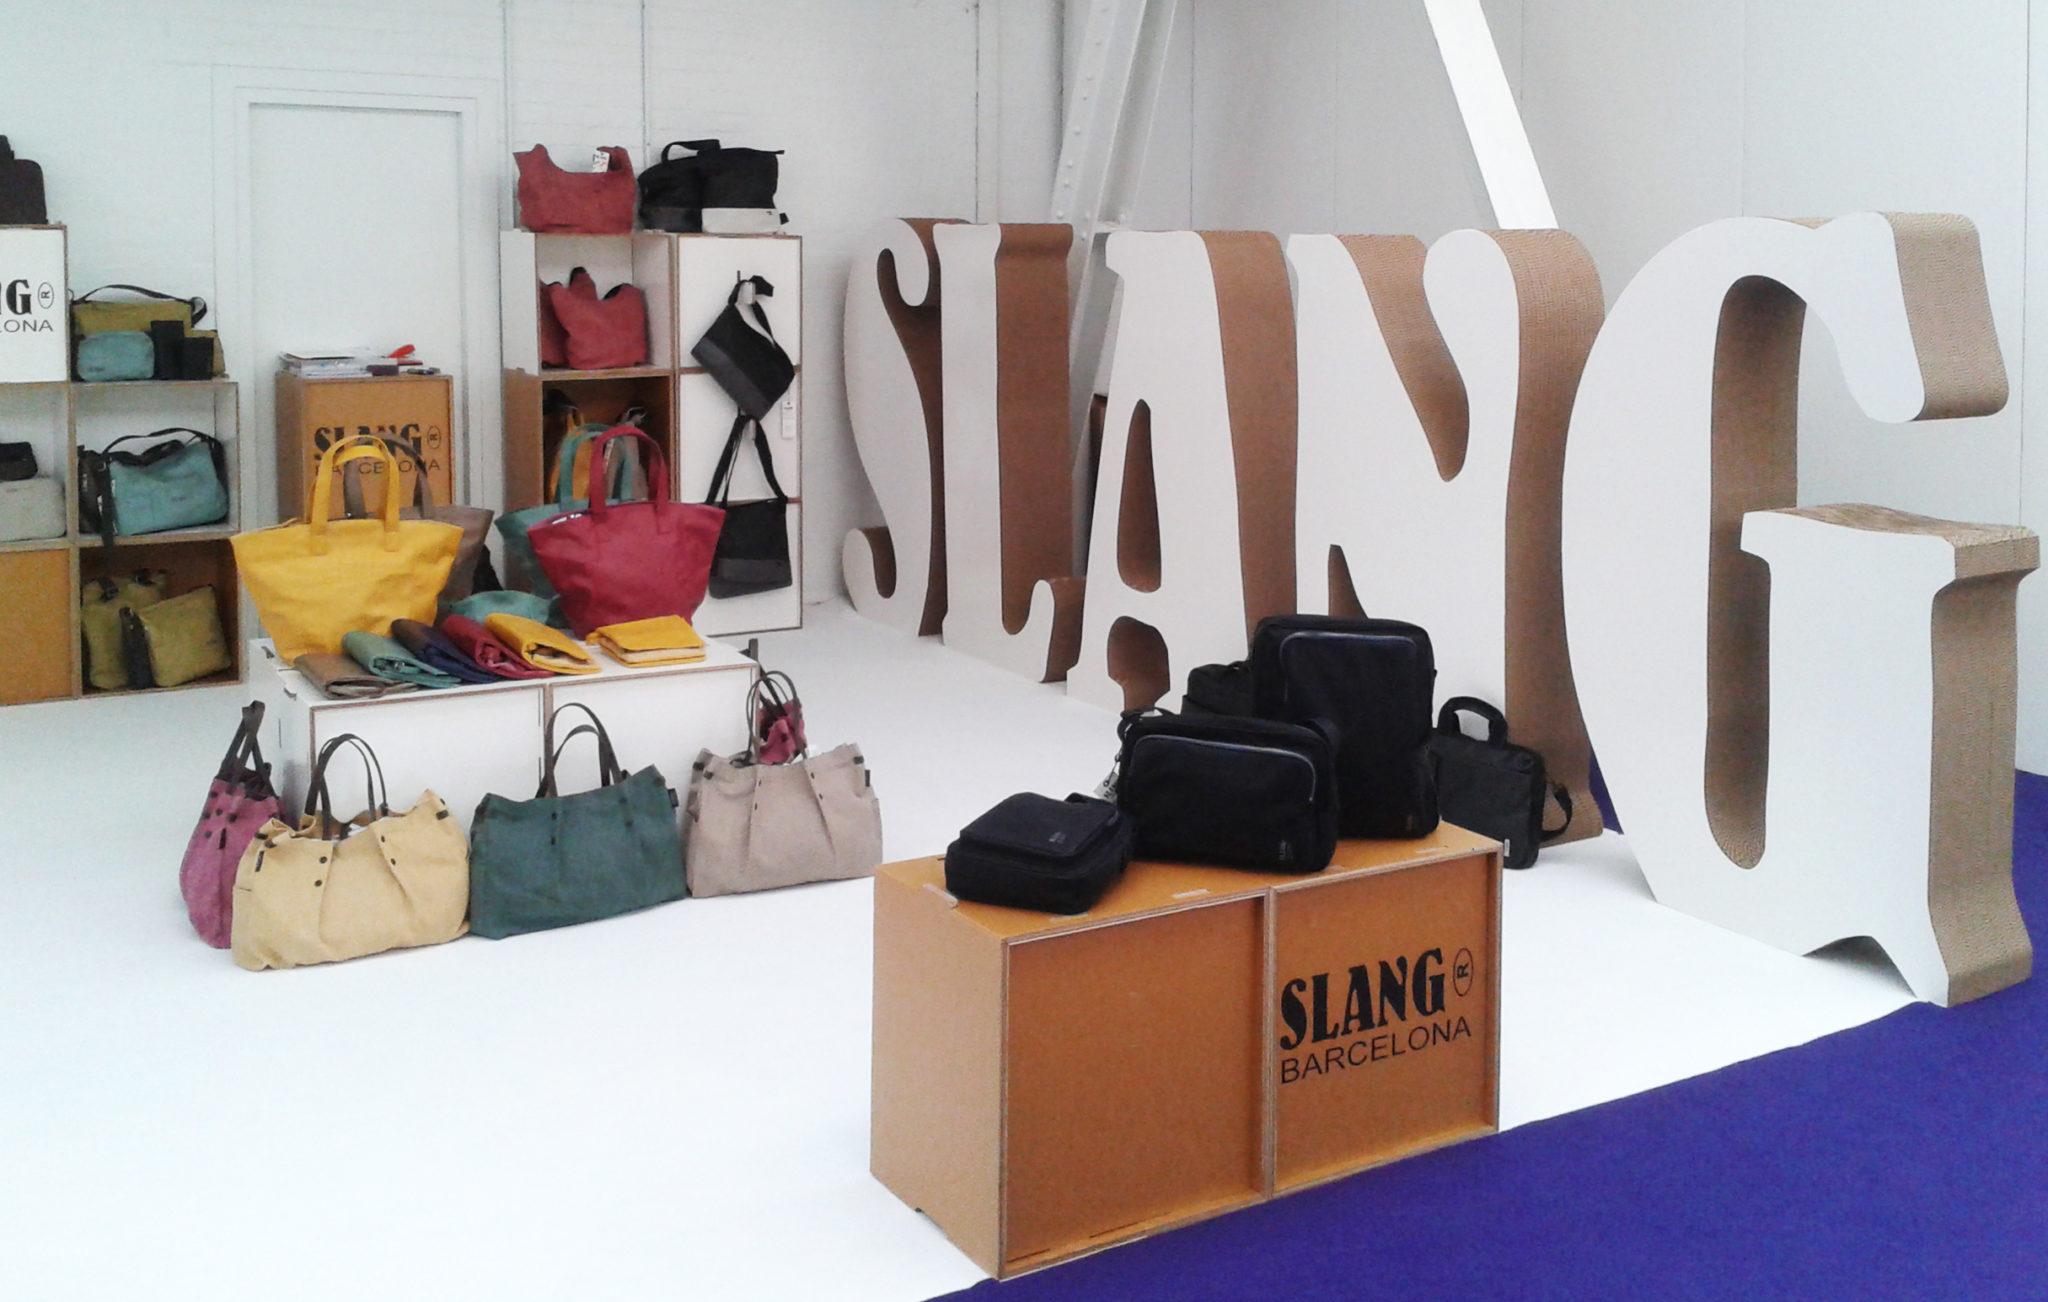 stand-de-carton-purelondon-cartonlab-slang-cardboard-01 d1d7d7717ac6